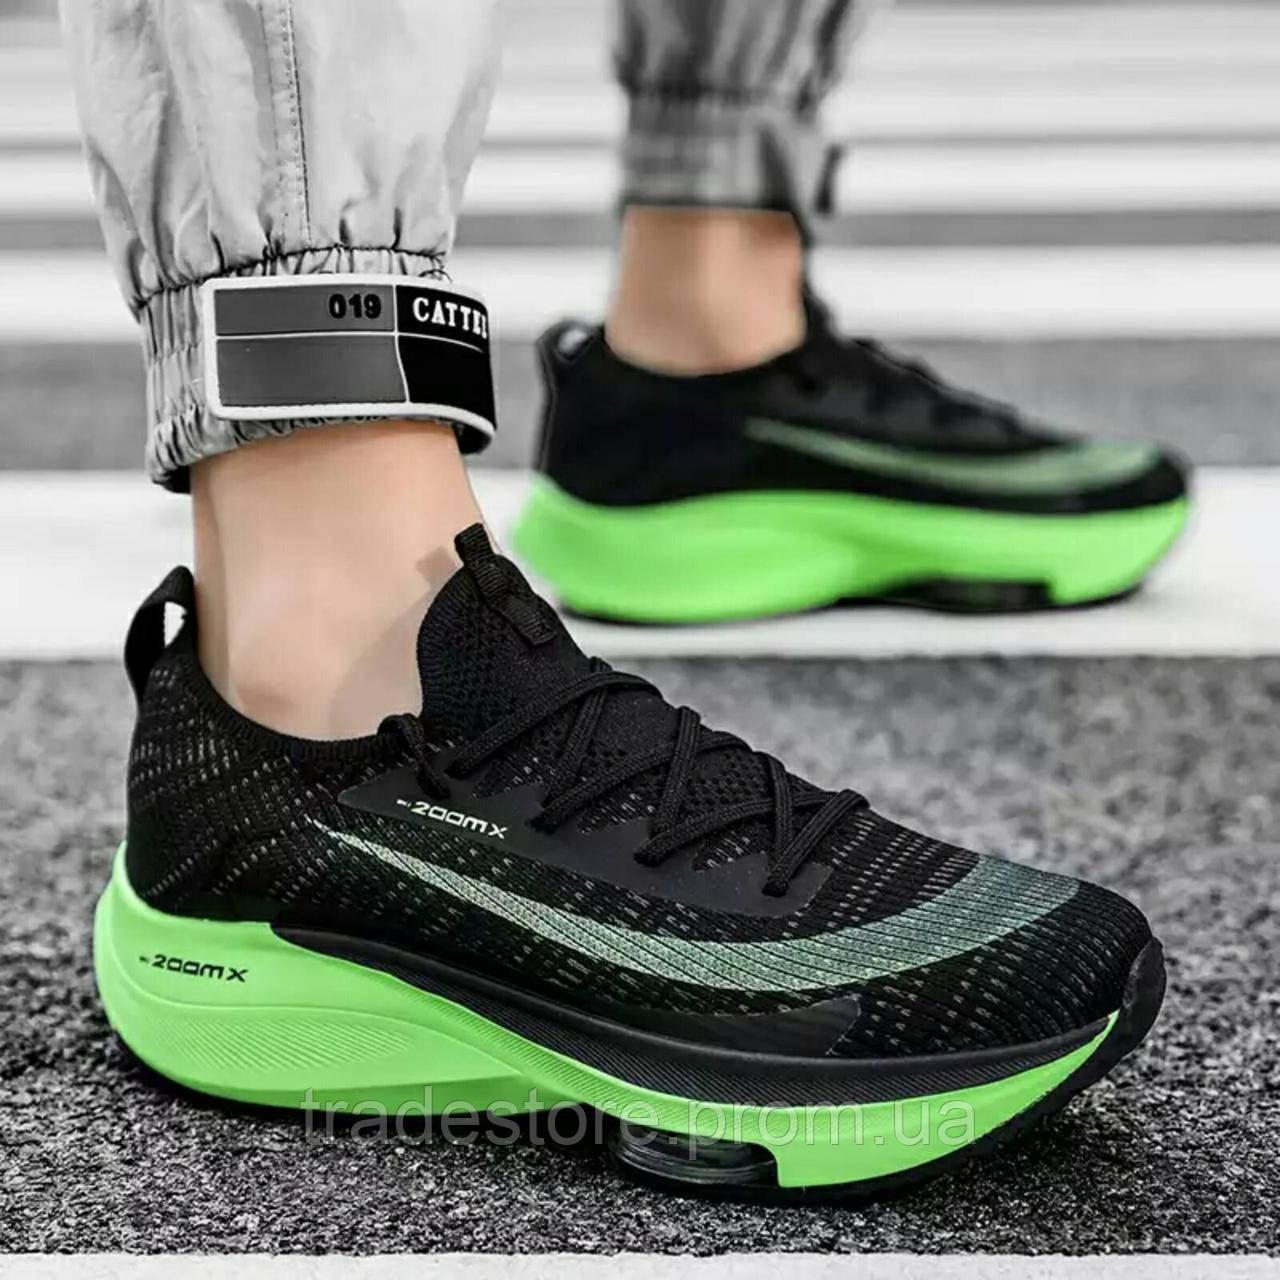 Чорно зелені кросівки в стилі Nike Air Zoom Alphafly Next